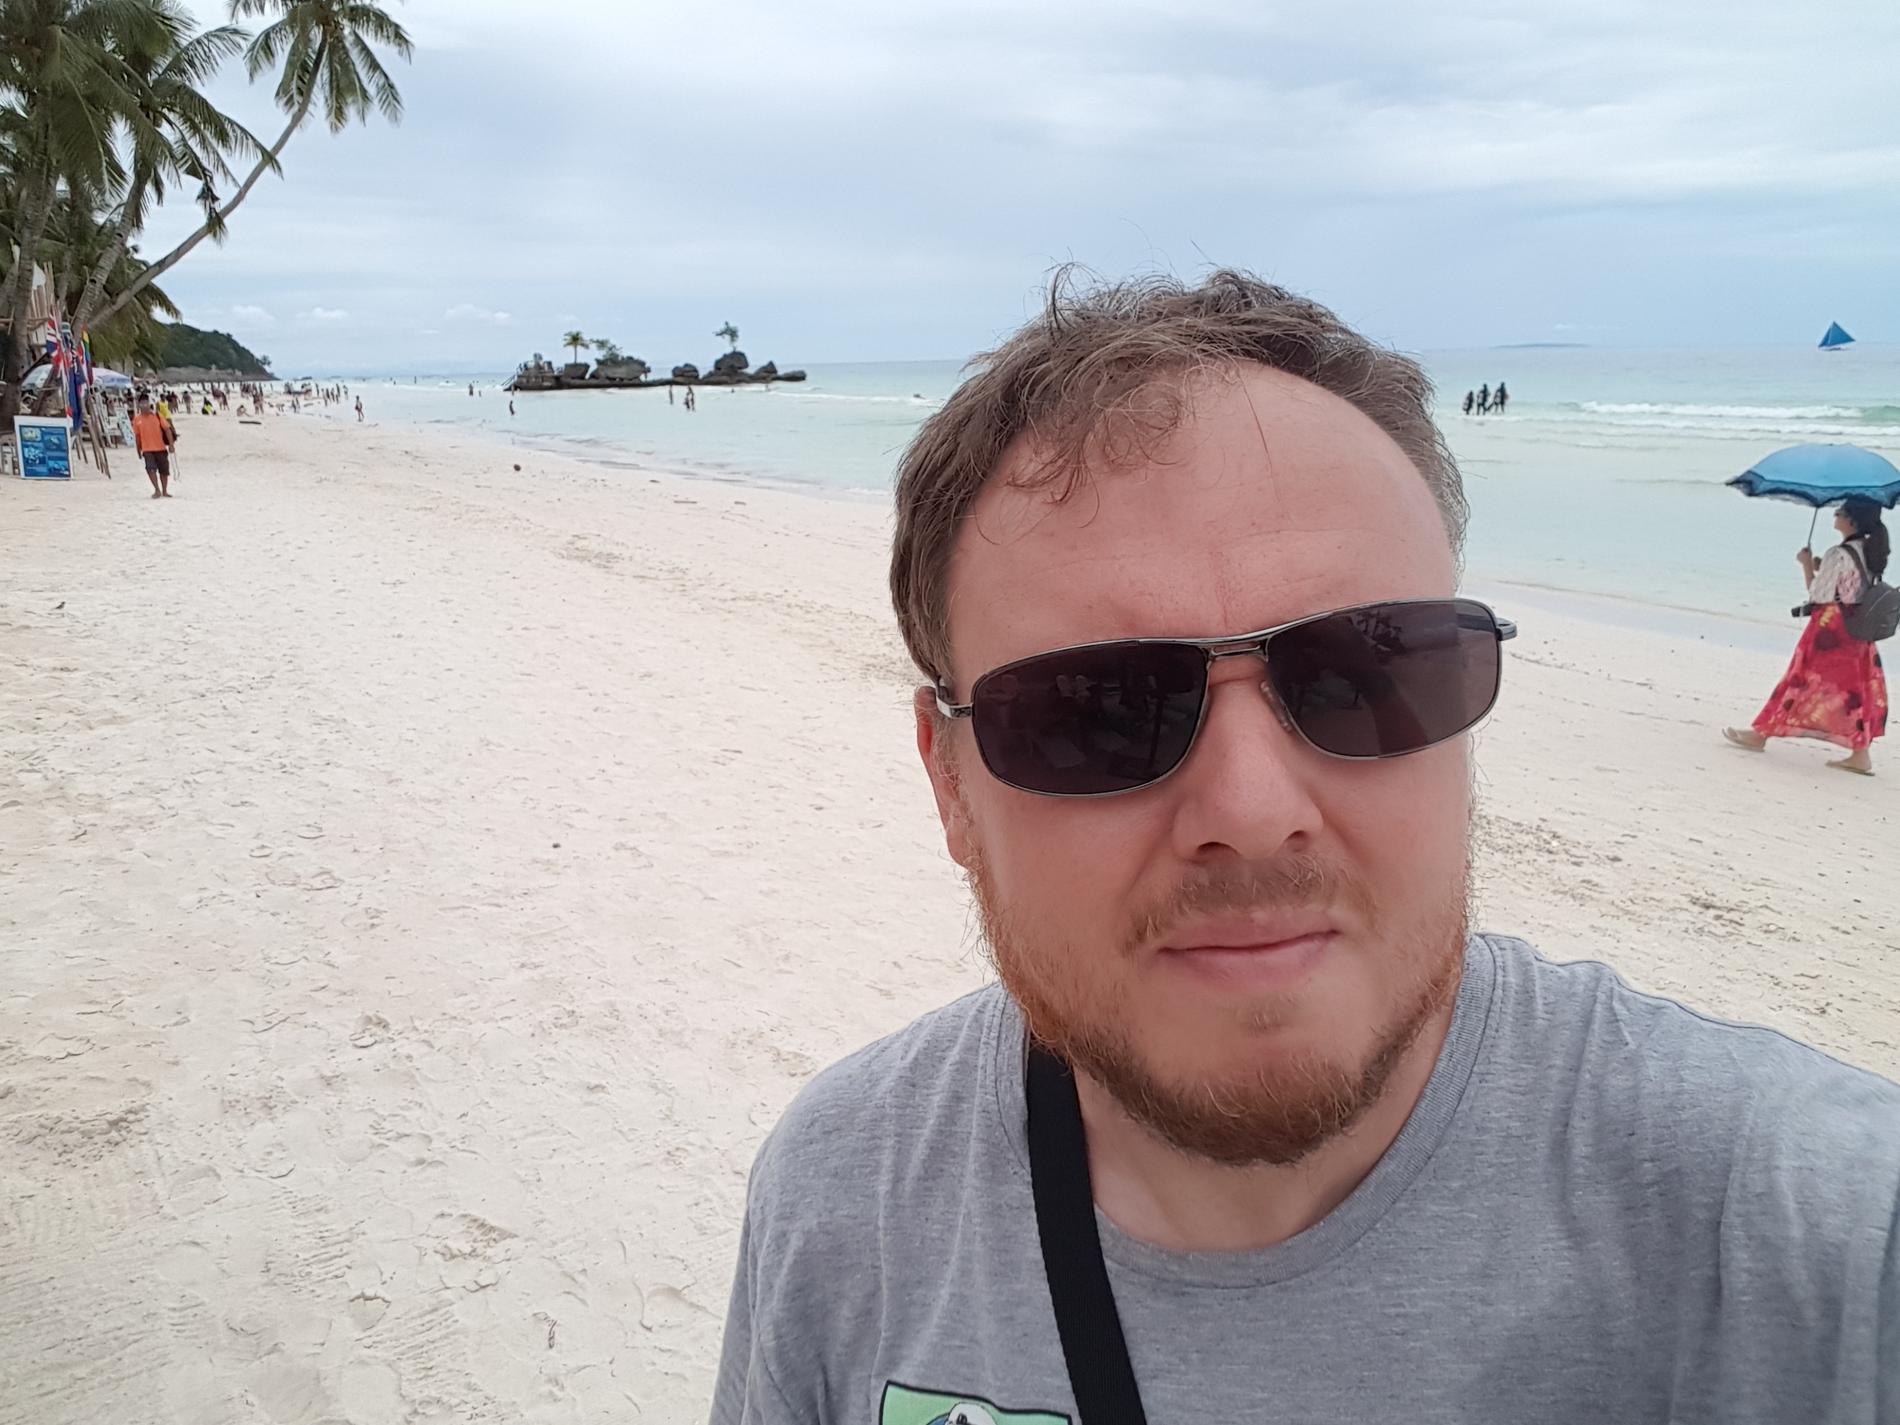 Jon Baltmo gillar att besöka både Manila och paradisöarna.